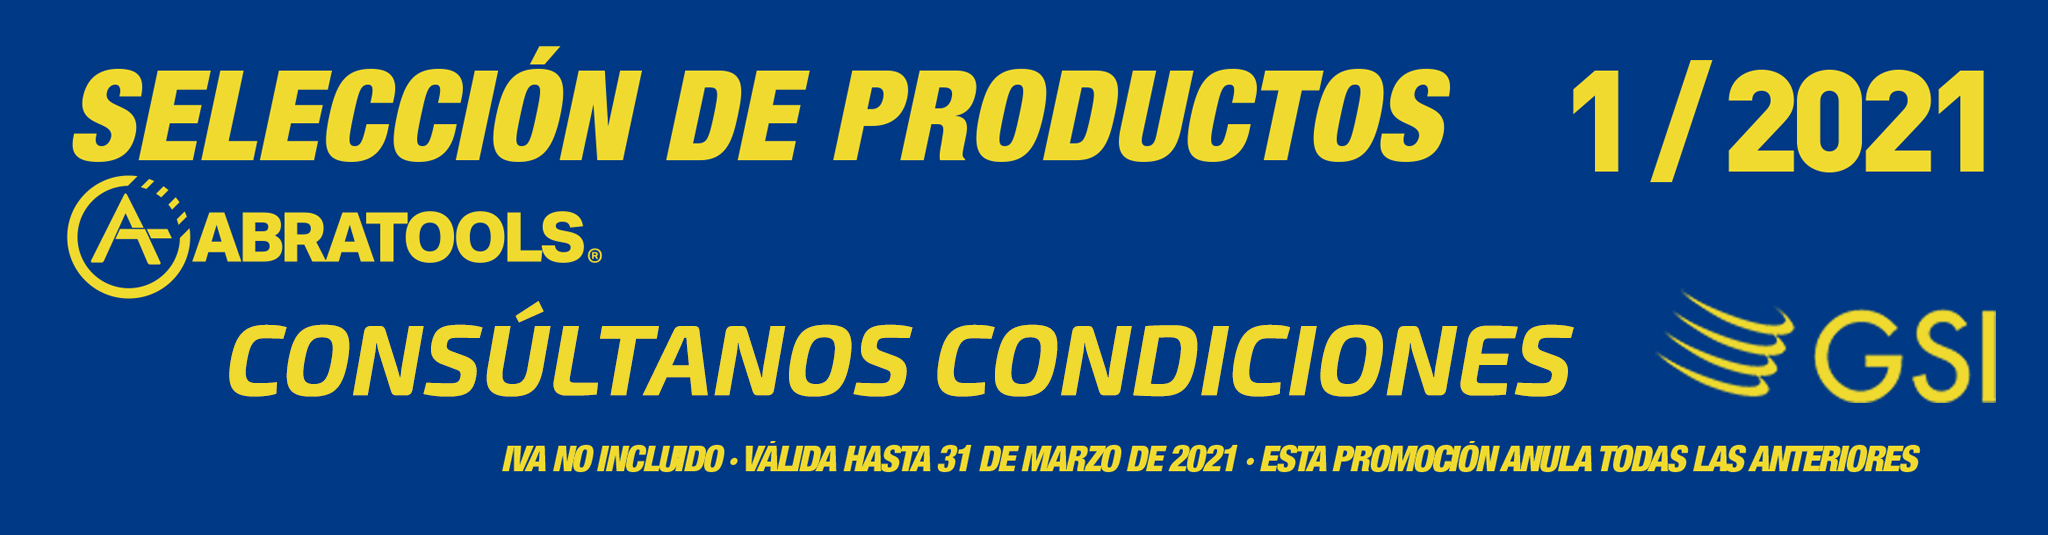 SELECCION DE PRODUCTOS ABRATOOLS